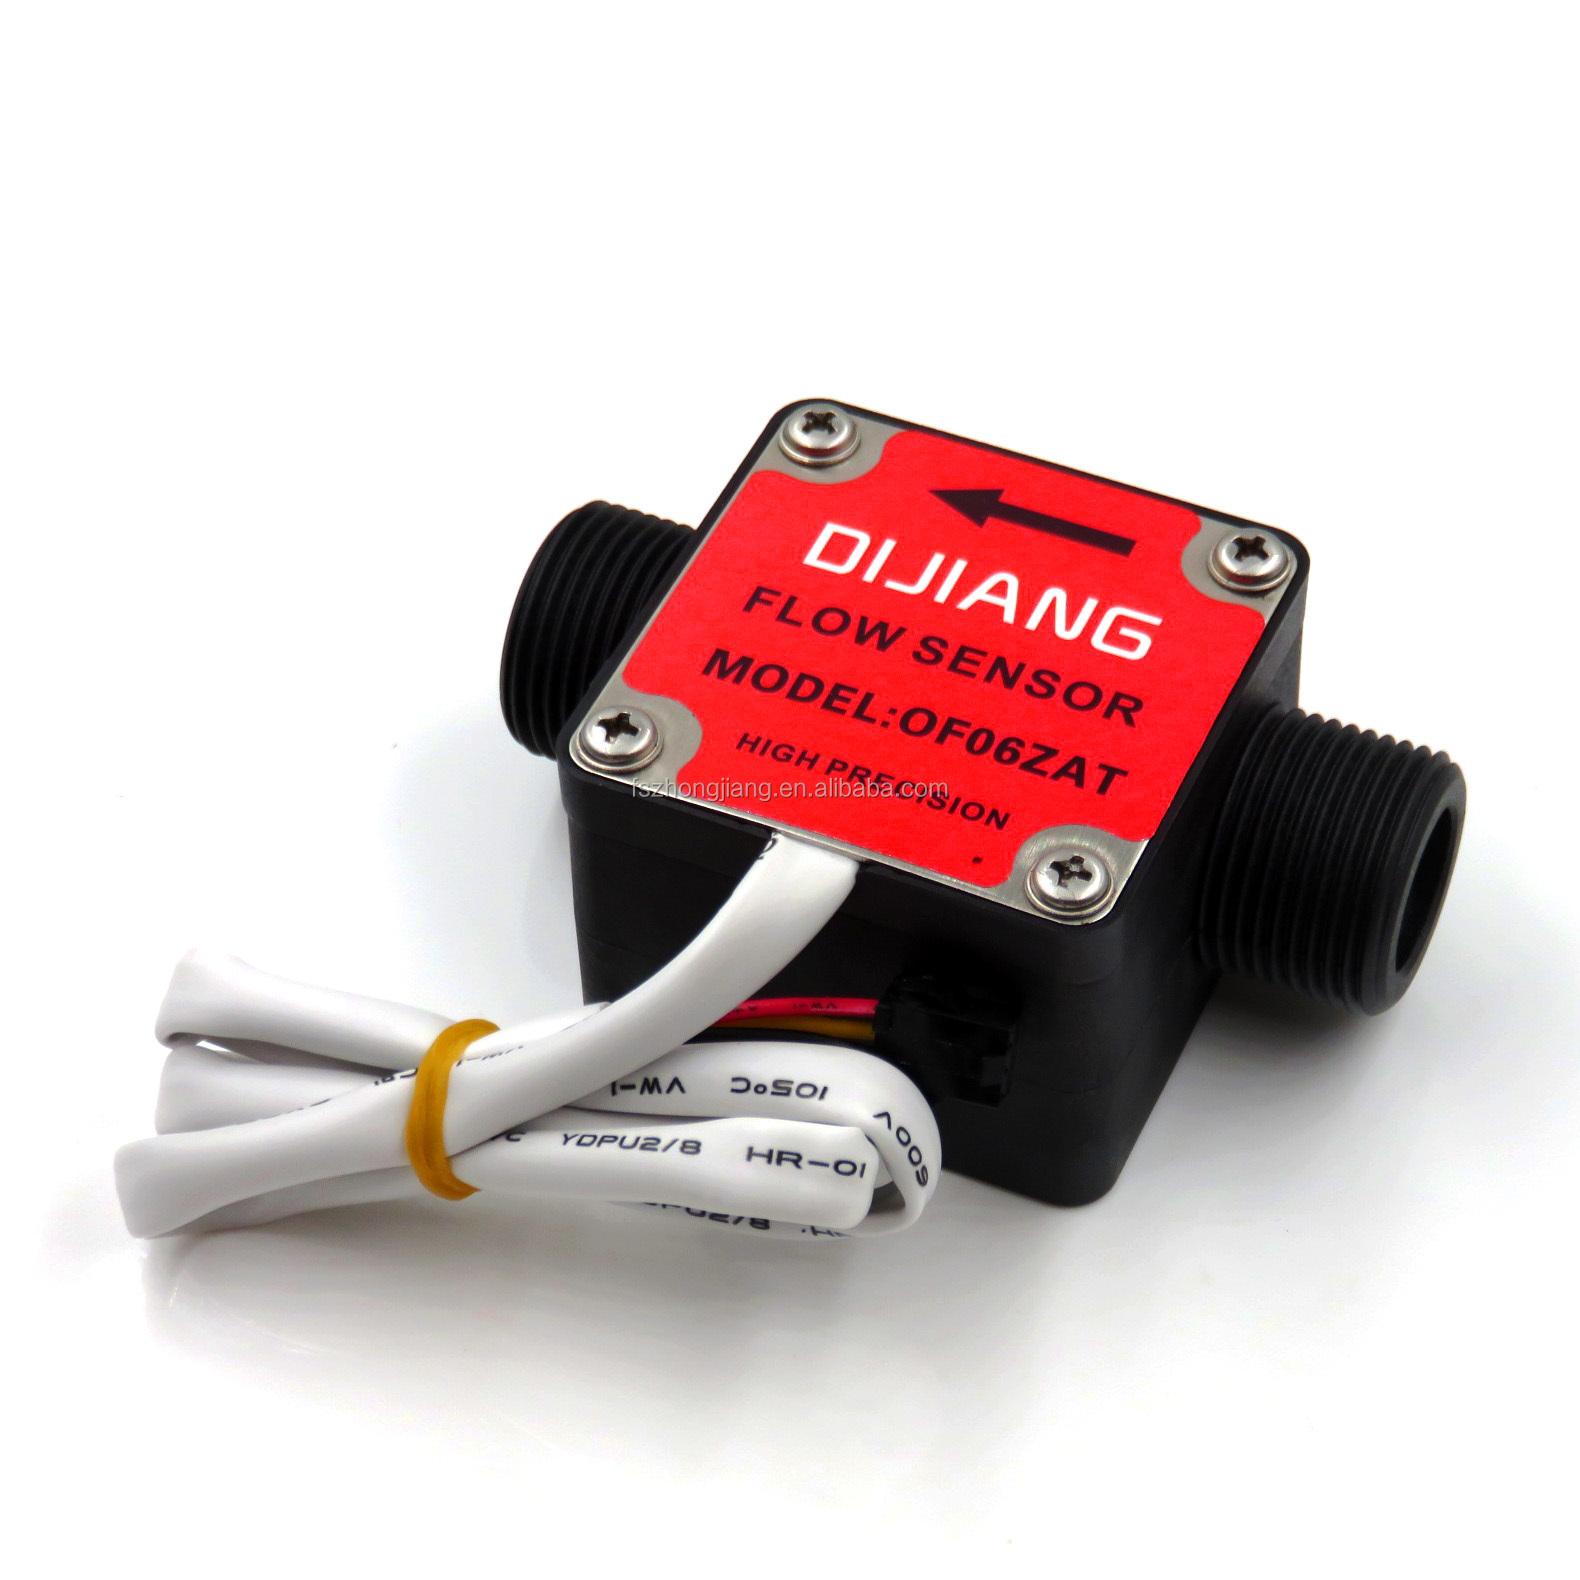 MARE OFO5ZAT Ovale Meter Gear Per La Benzina Diesel Latte Olio 0.5% di Alta Precisione Tasso di Flusso G1/2 Misuratore di Portata sensore